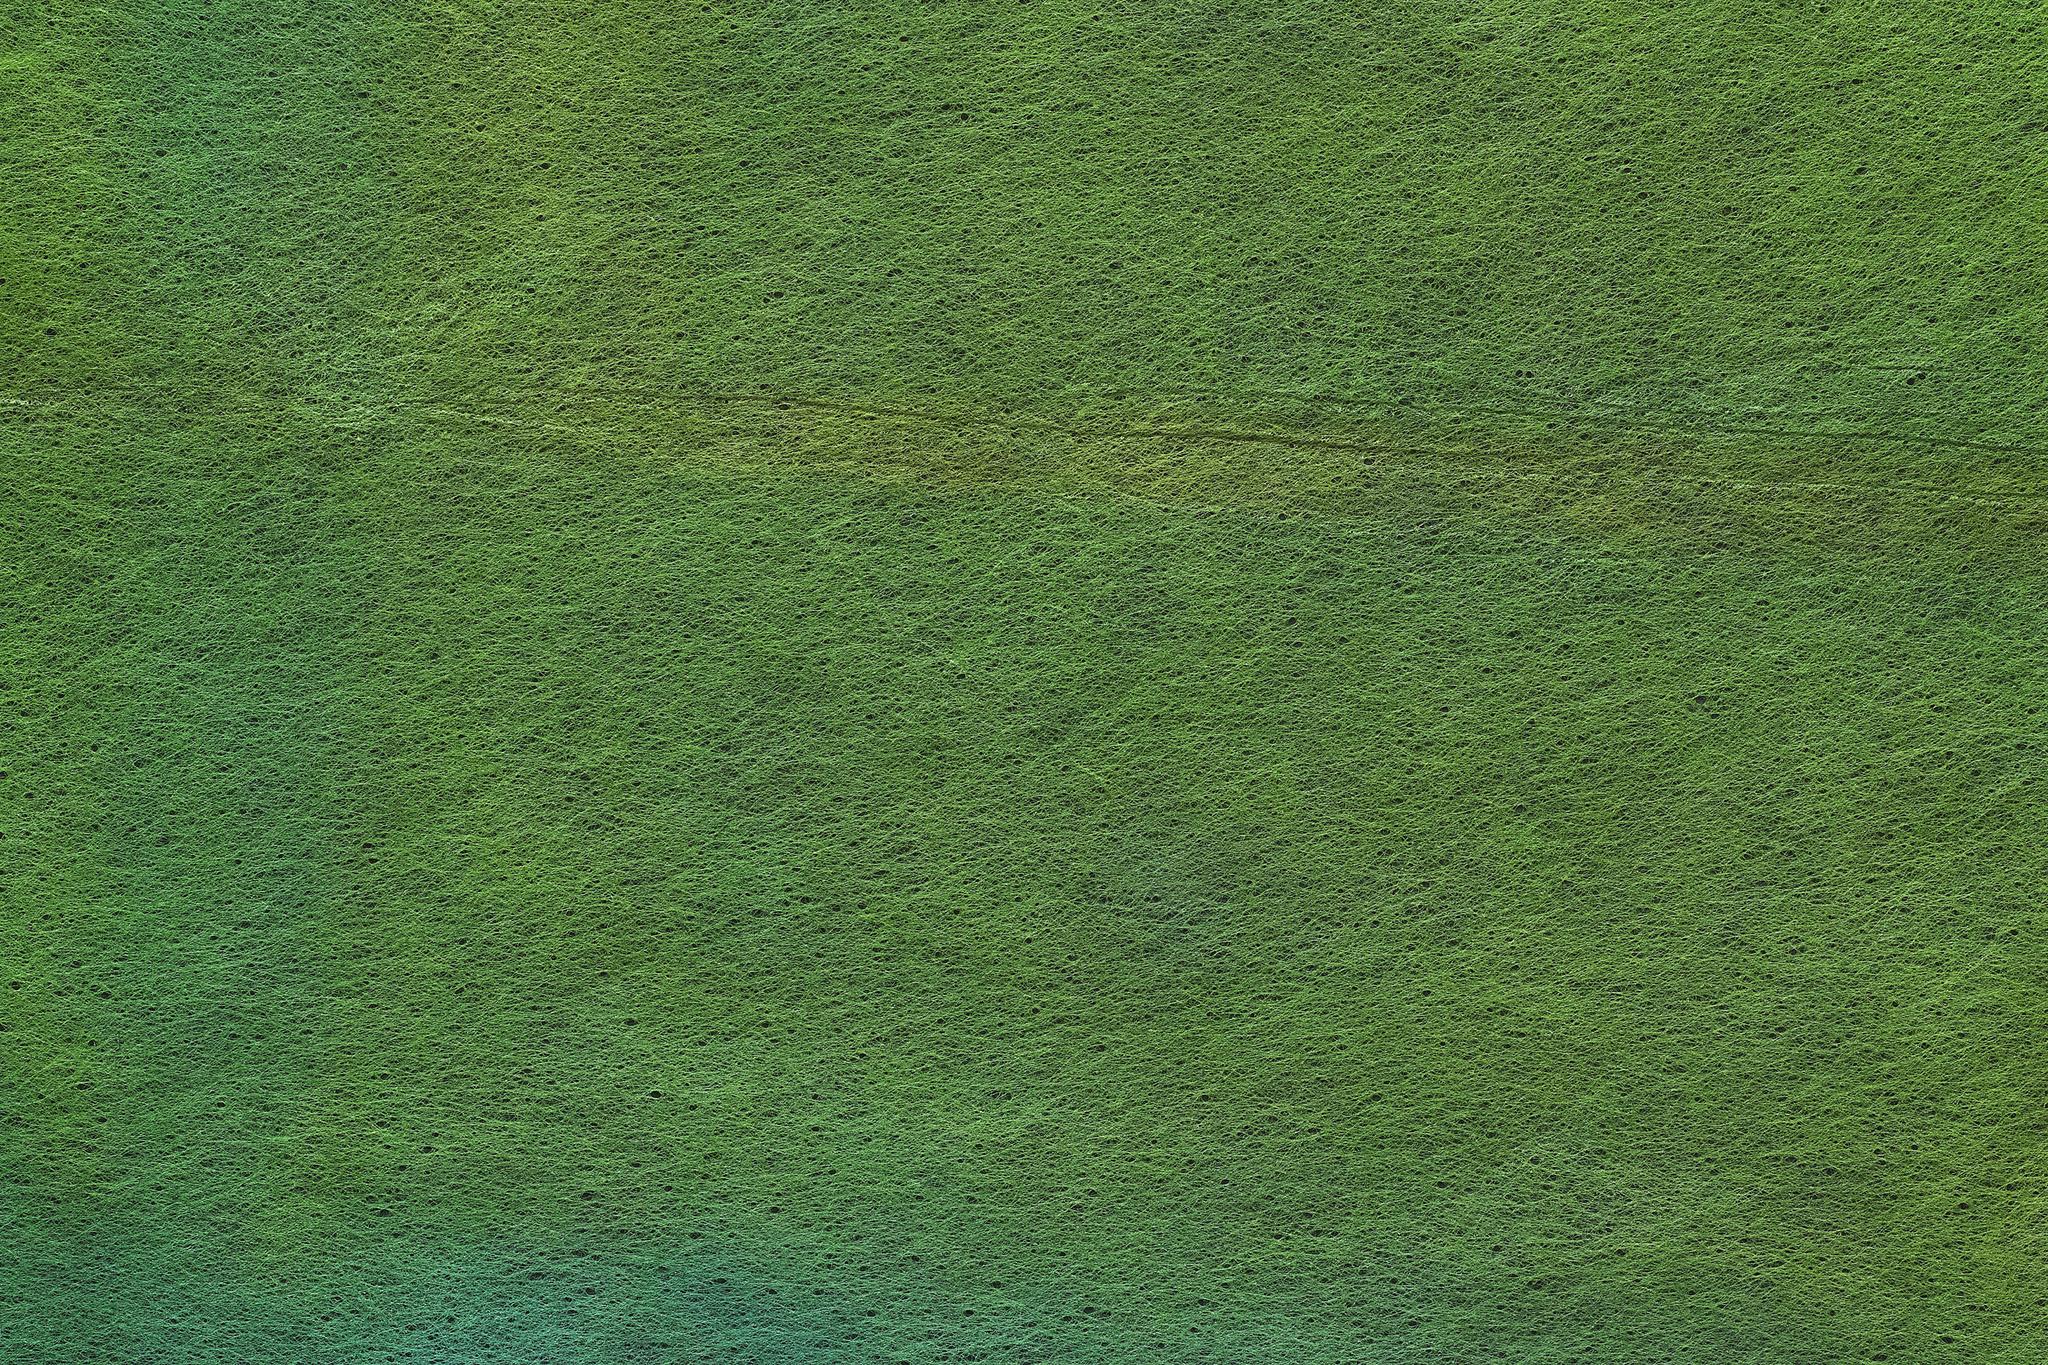 「和の風趣に富んだ千歳緑の和紙」の画像を無料ダウンロード